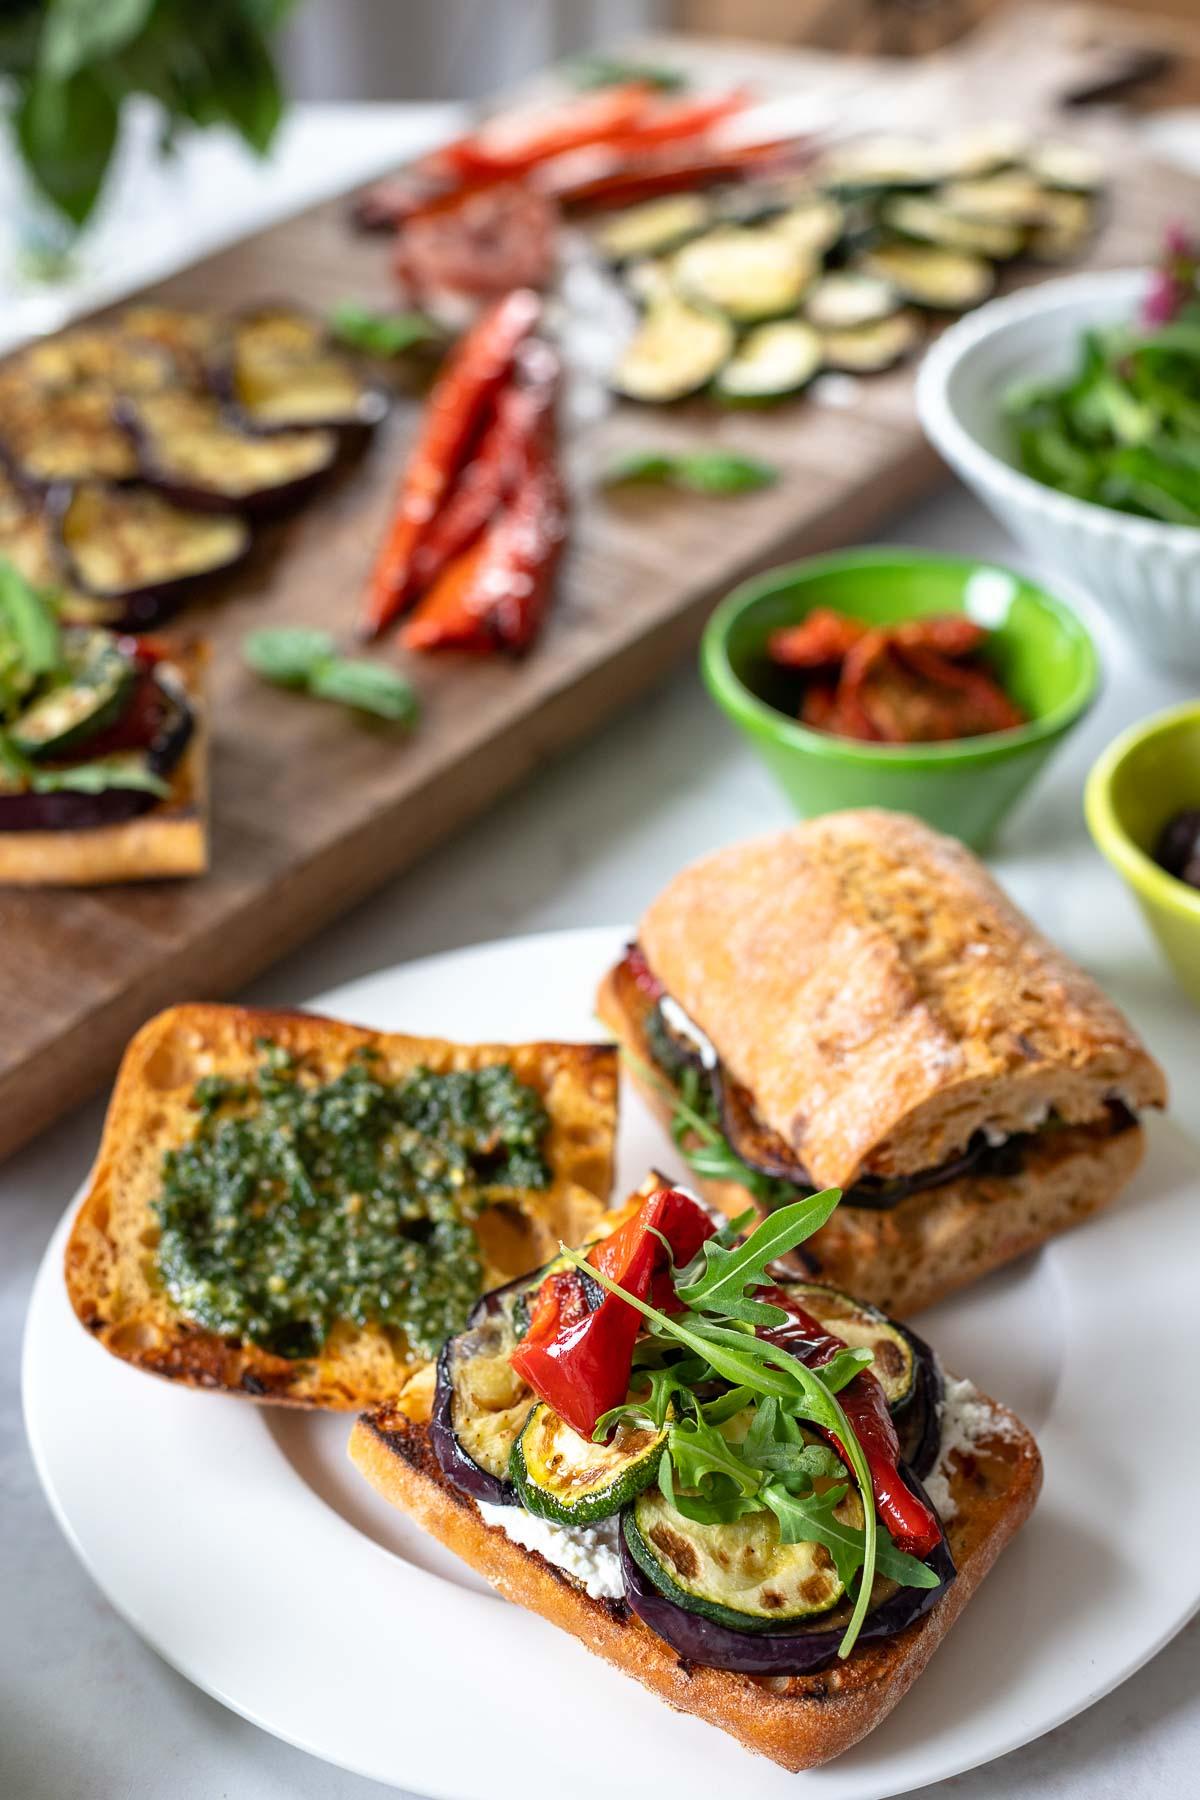 Italienisches Antipasti Sandwich mit gegrilltem Gemüse (Zucchini, Paprika, Aubergine)